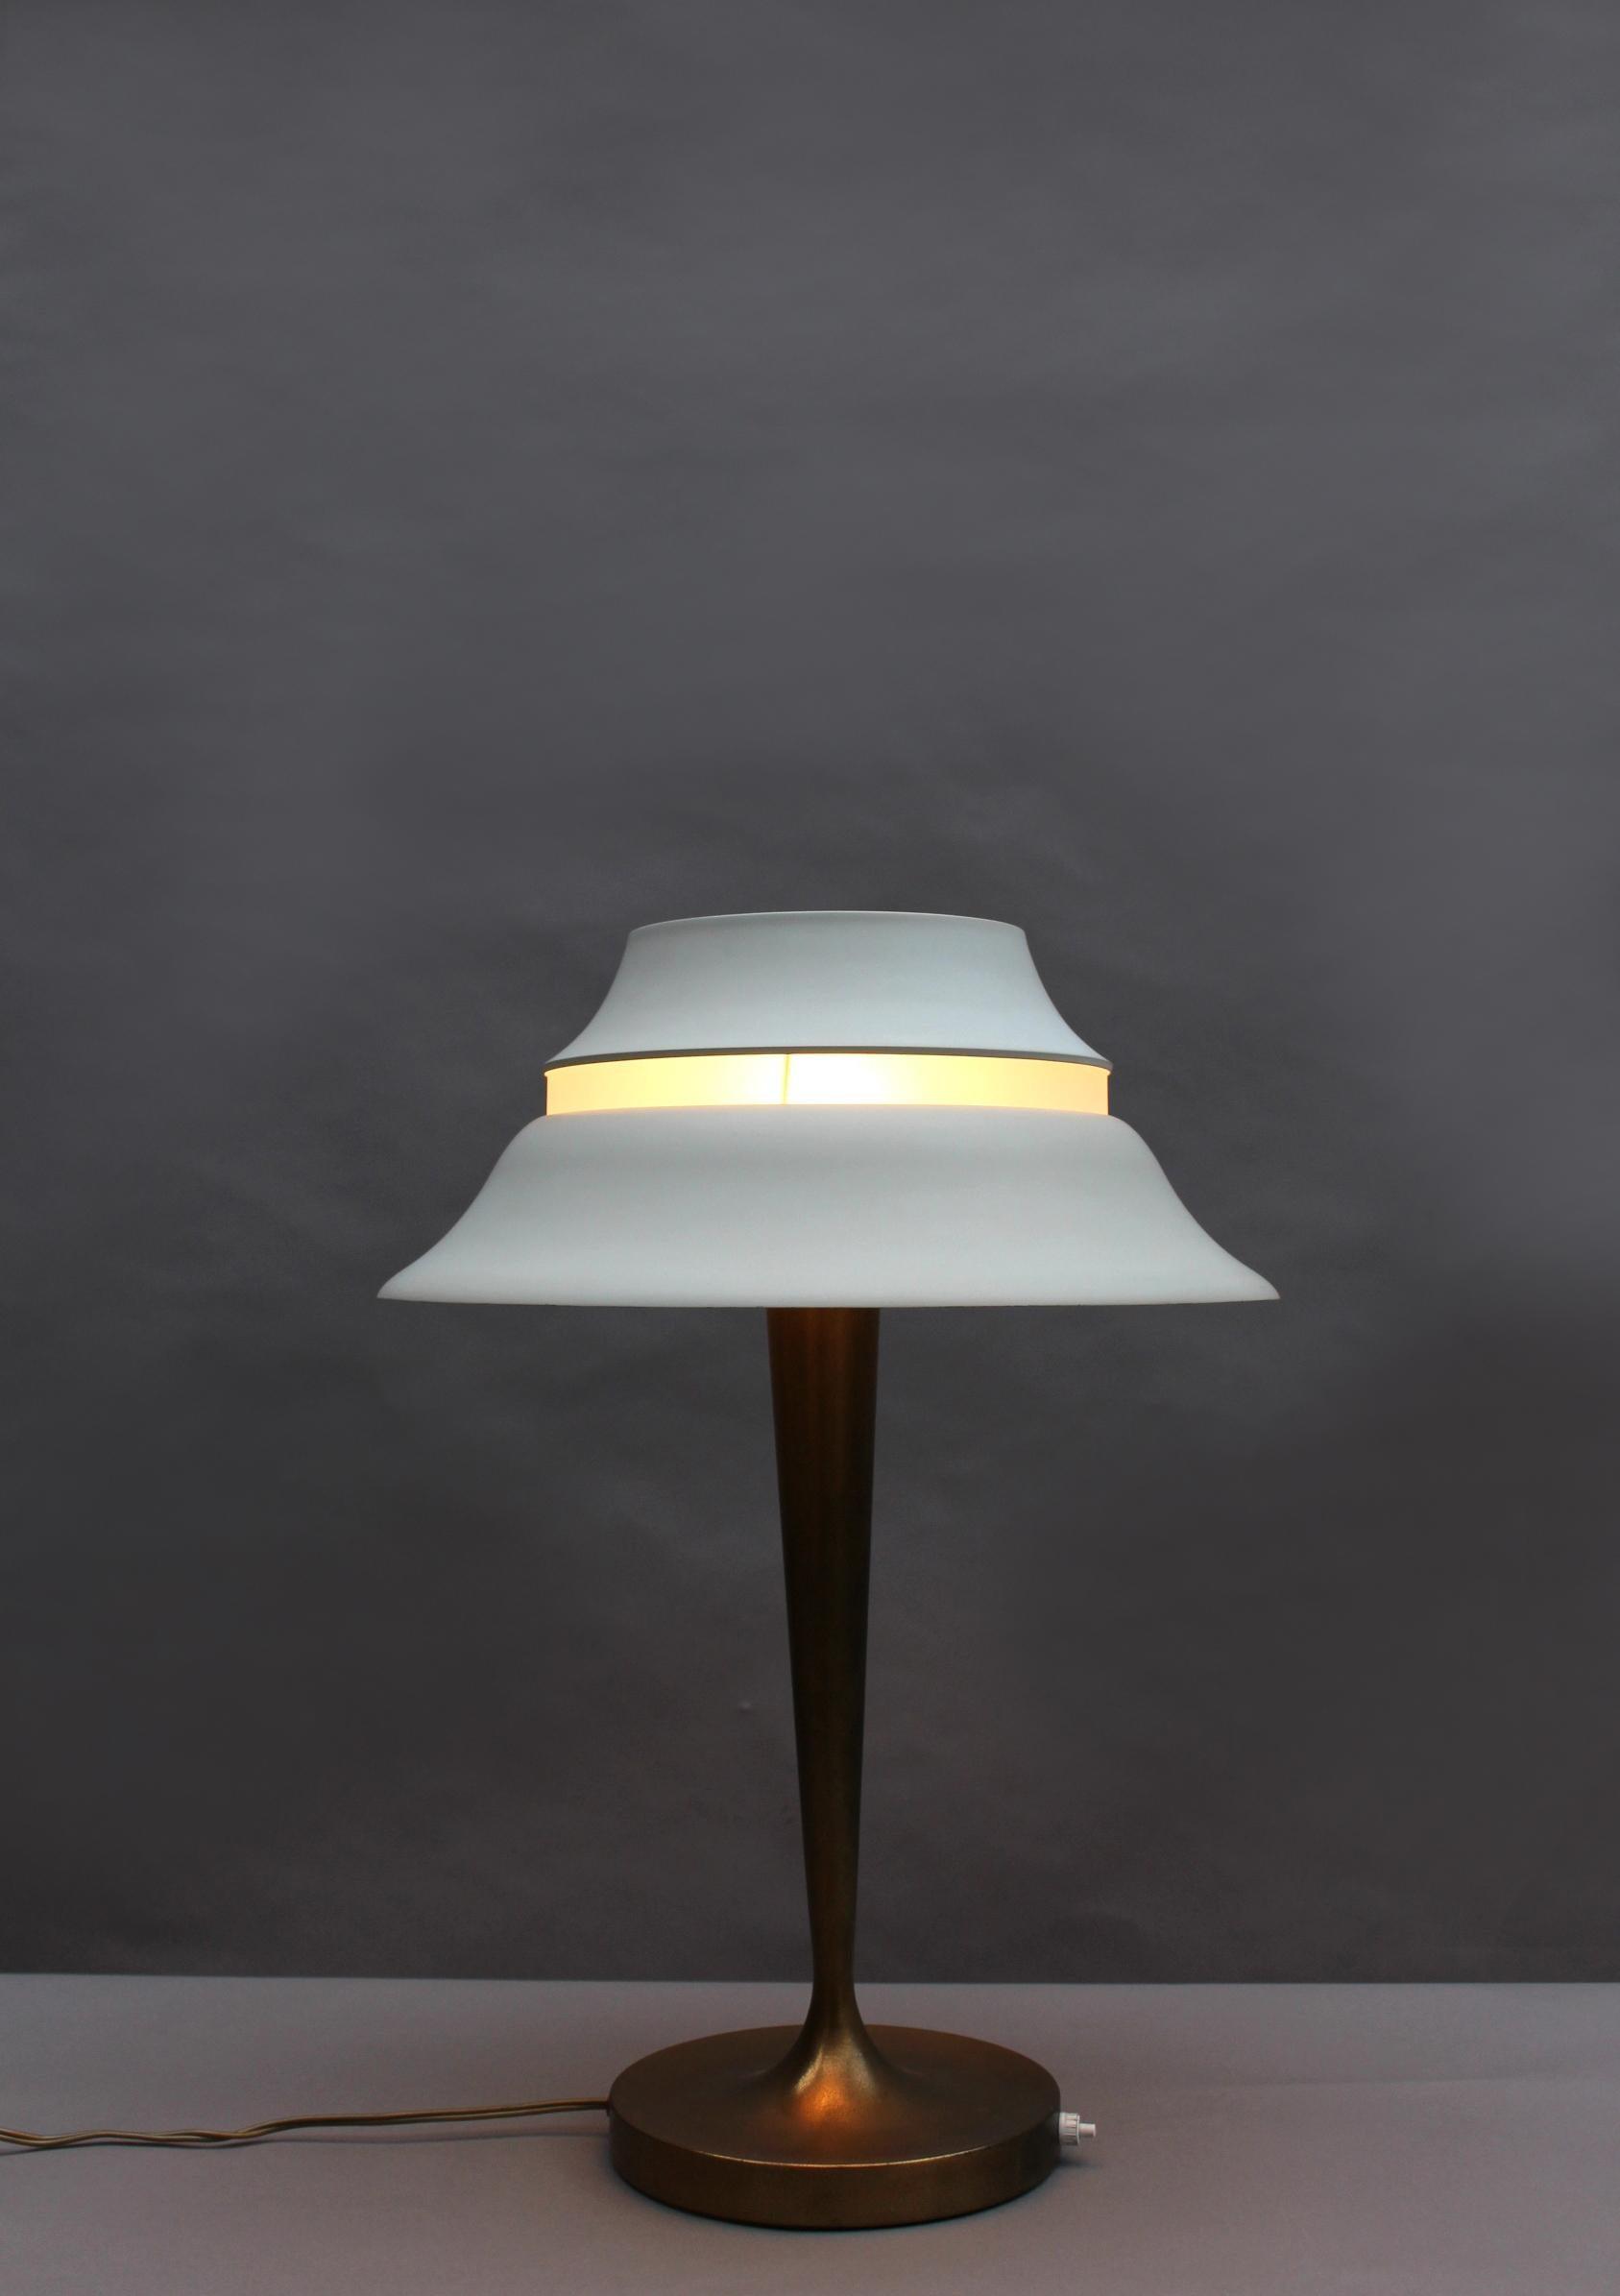 Deco Art Fine French Jean Perzel Lamp By Table 8OPmN0vwyn